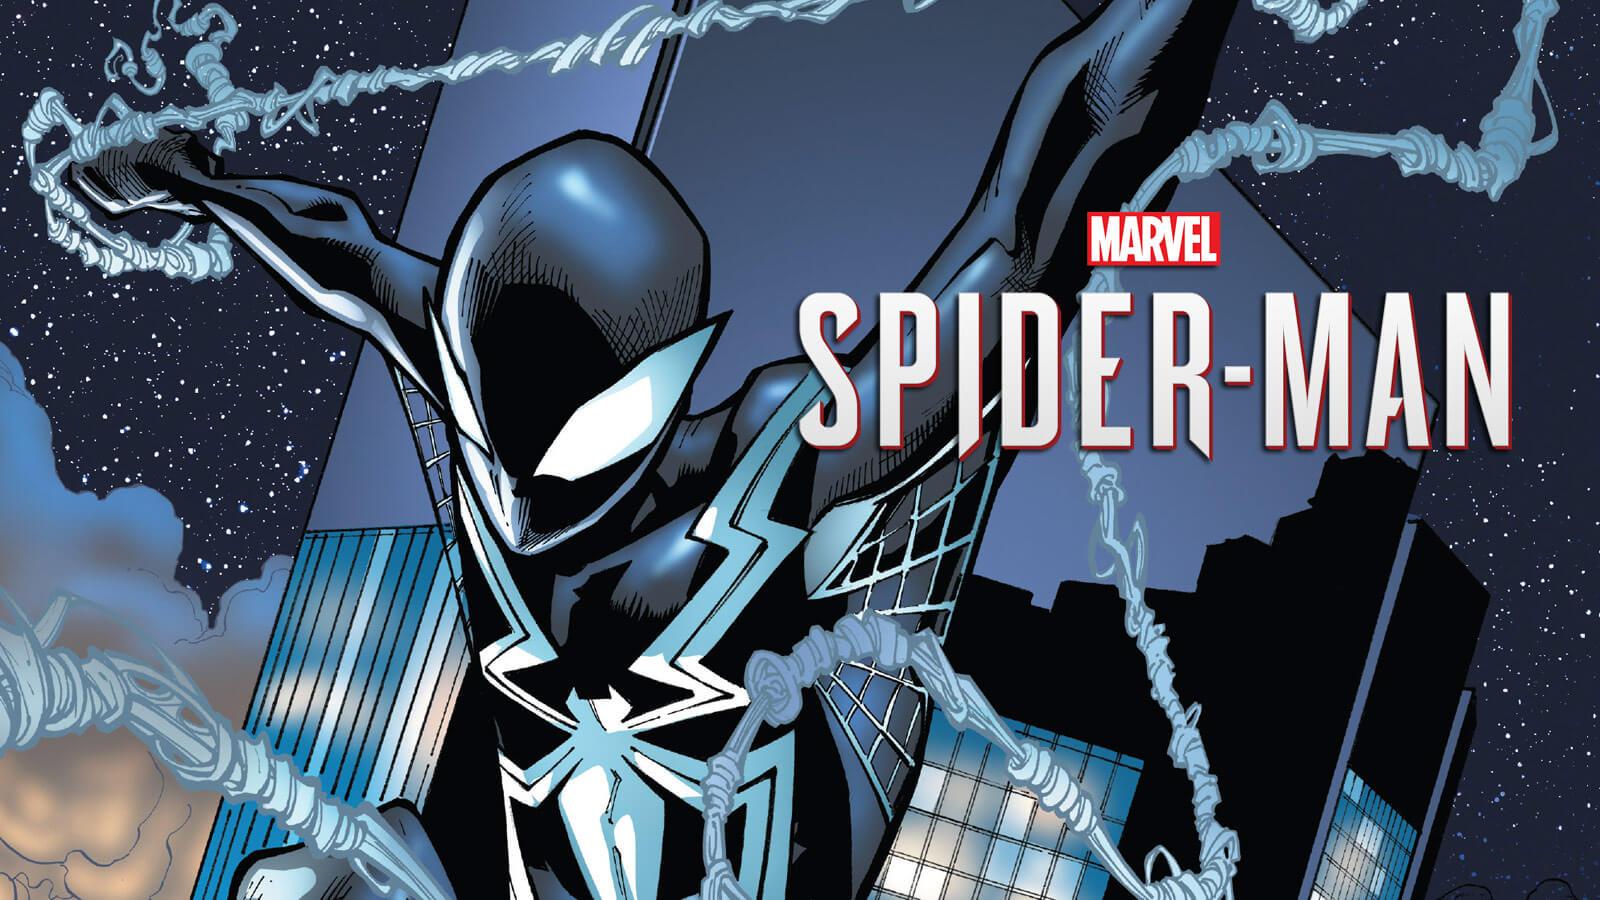 marvel's spider-man sequel may feature symbiote suit & venom